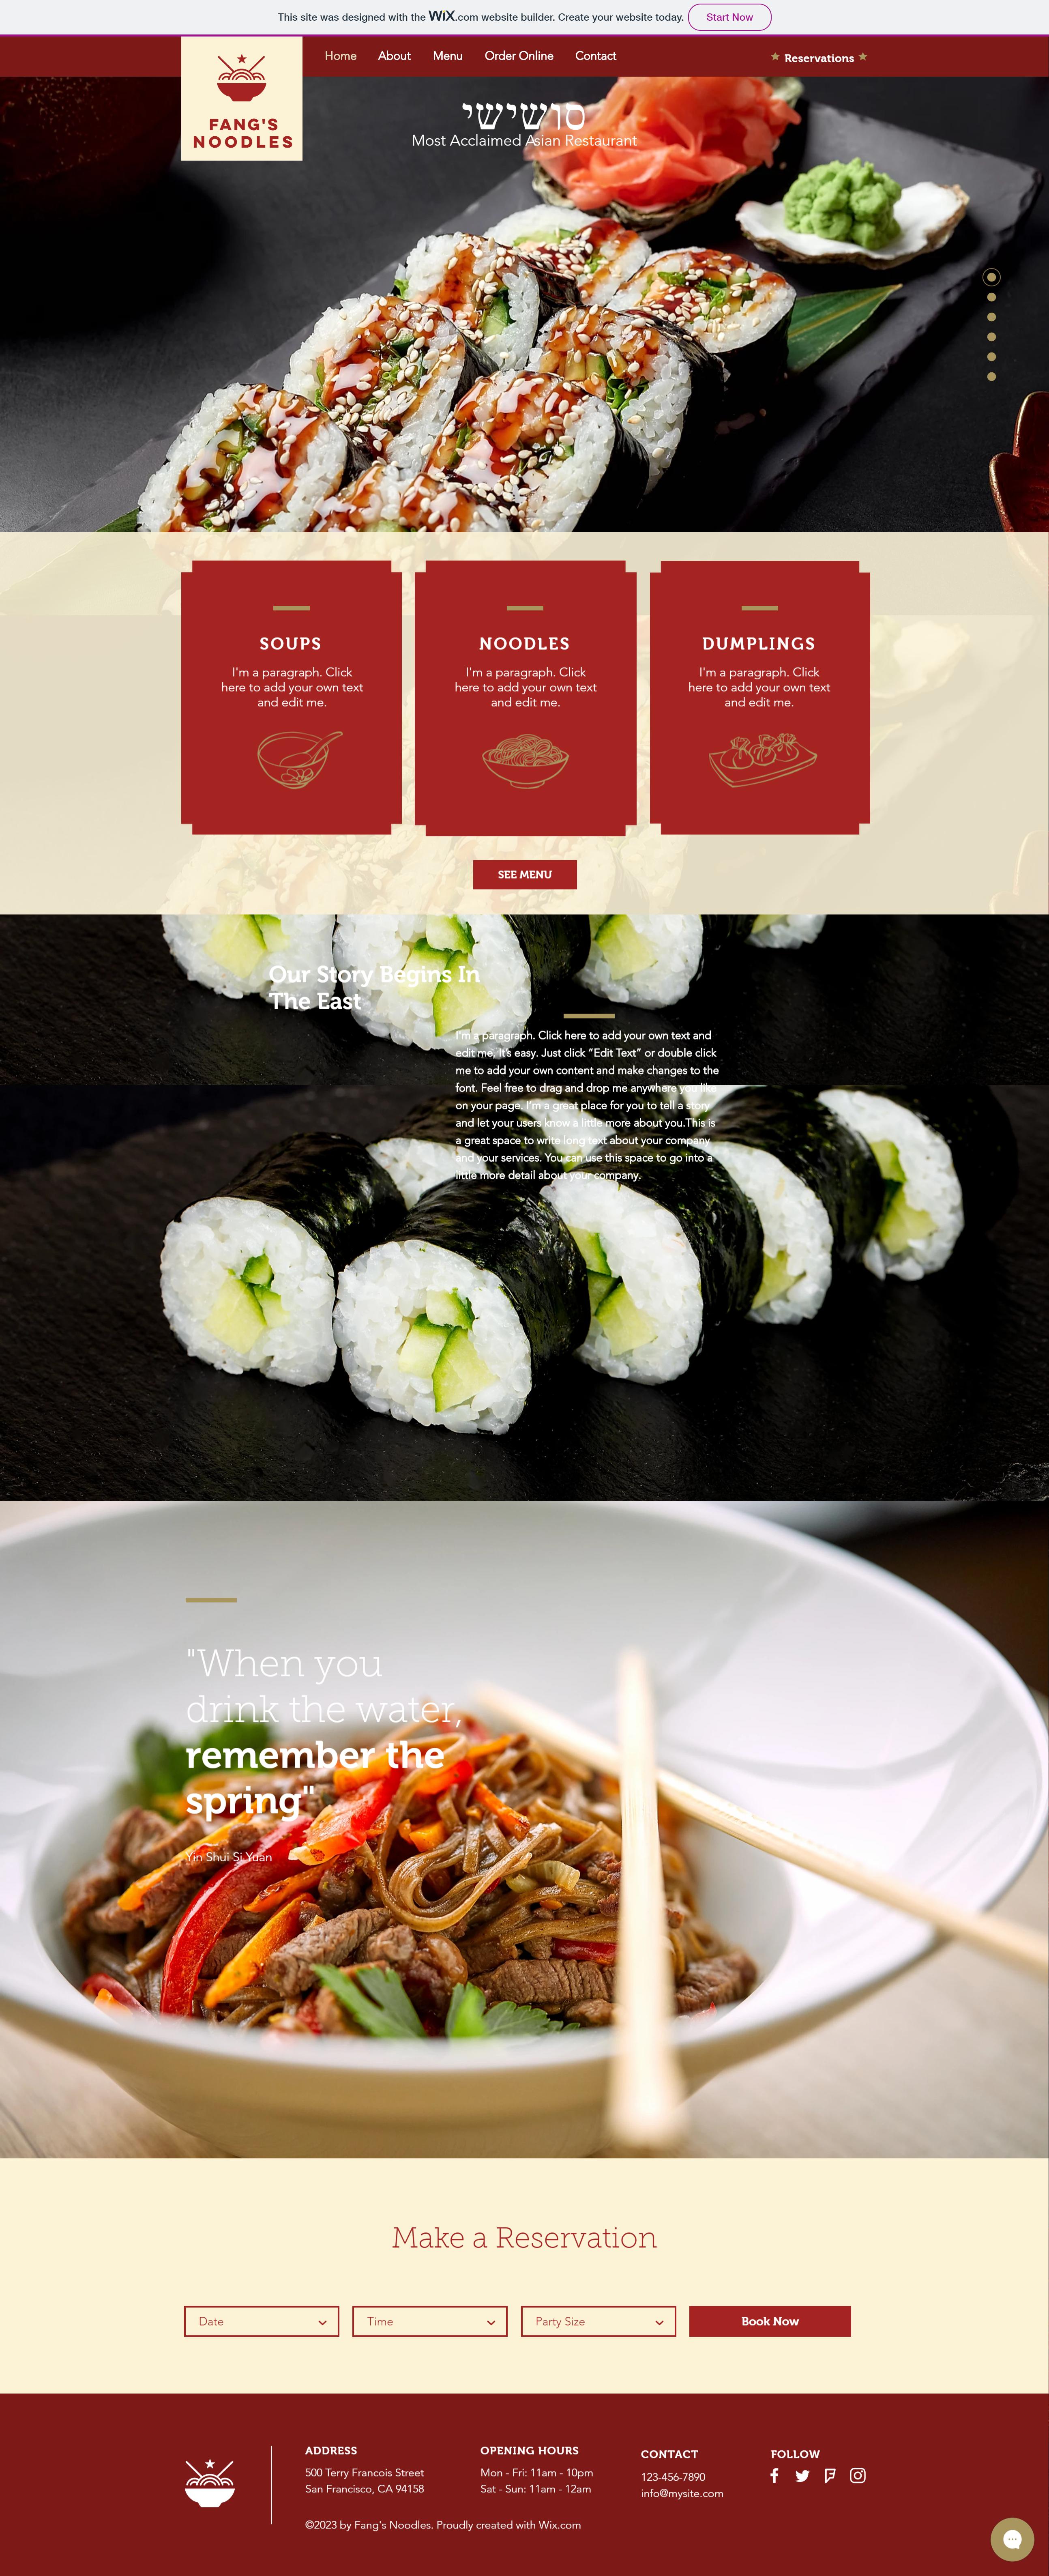 yungadesign.com